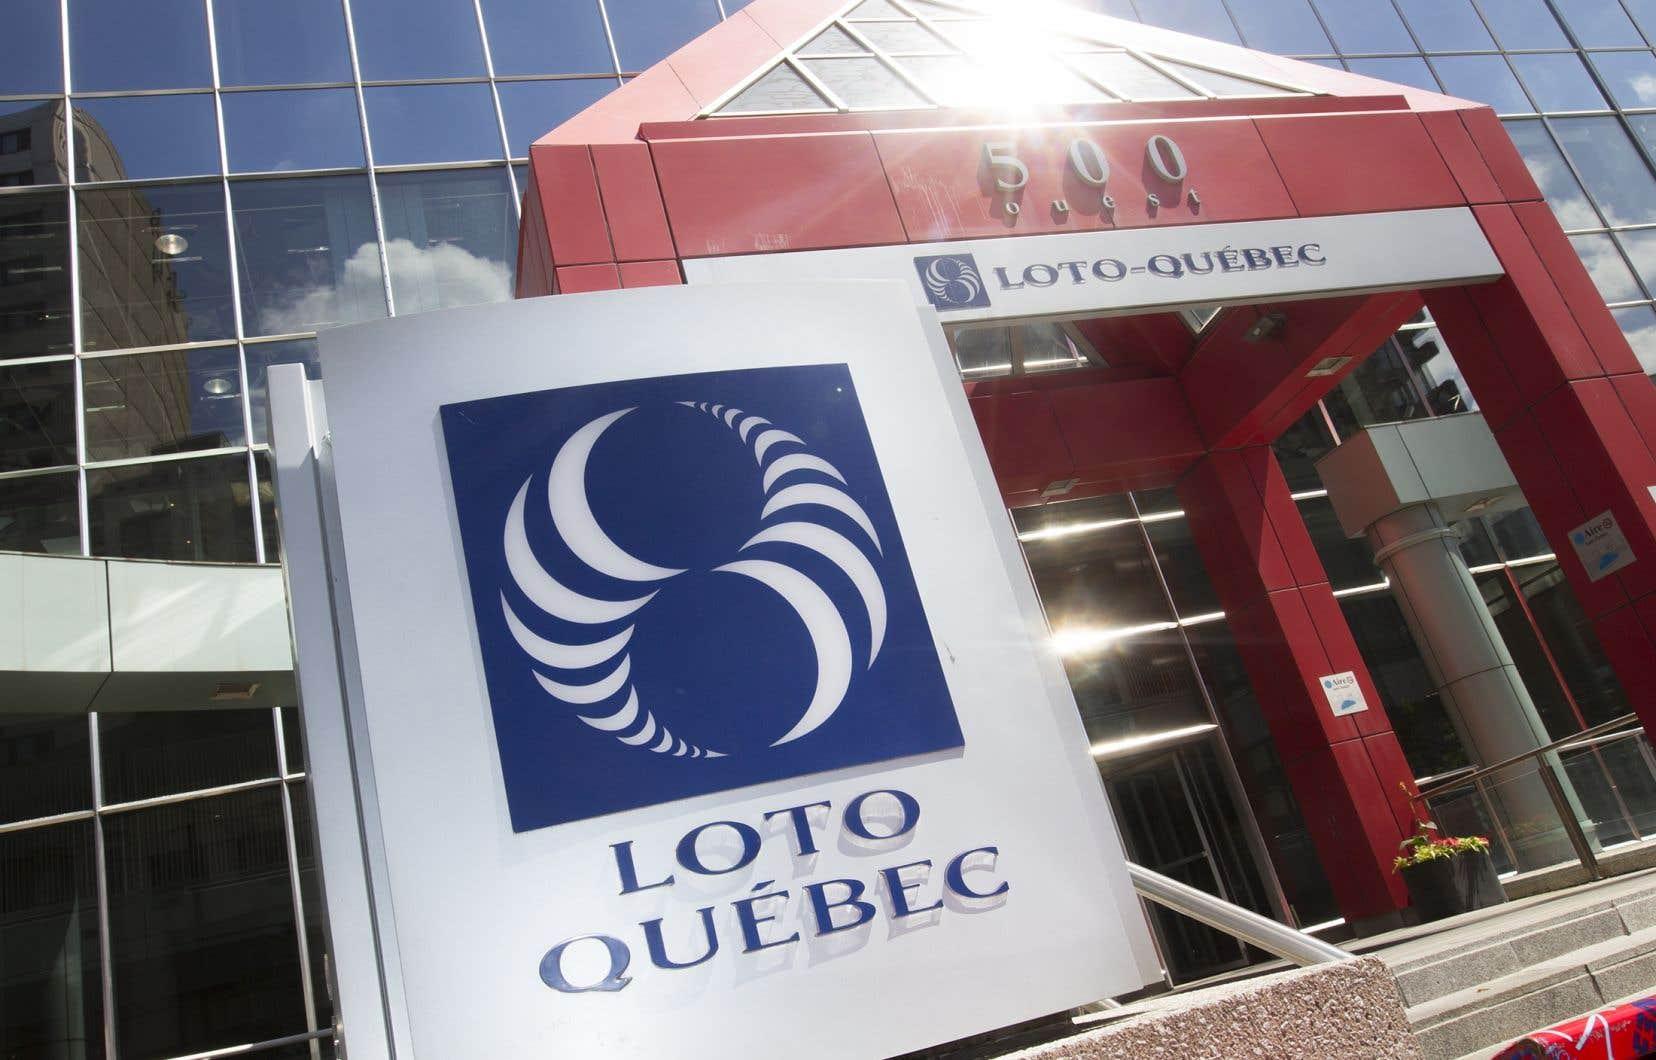 Les professionnels de Loto-Québec ont adopté à 99,4% un mandat de grève de 20 jours qu'ils utiliseront de façon stratégique.